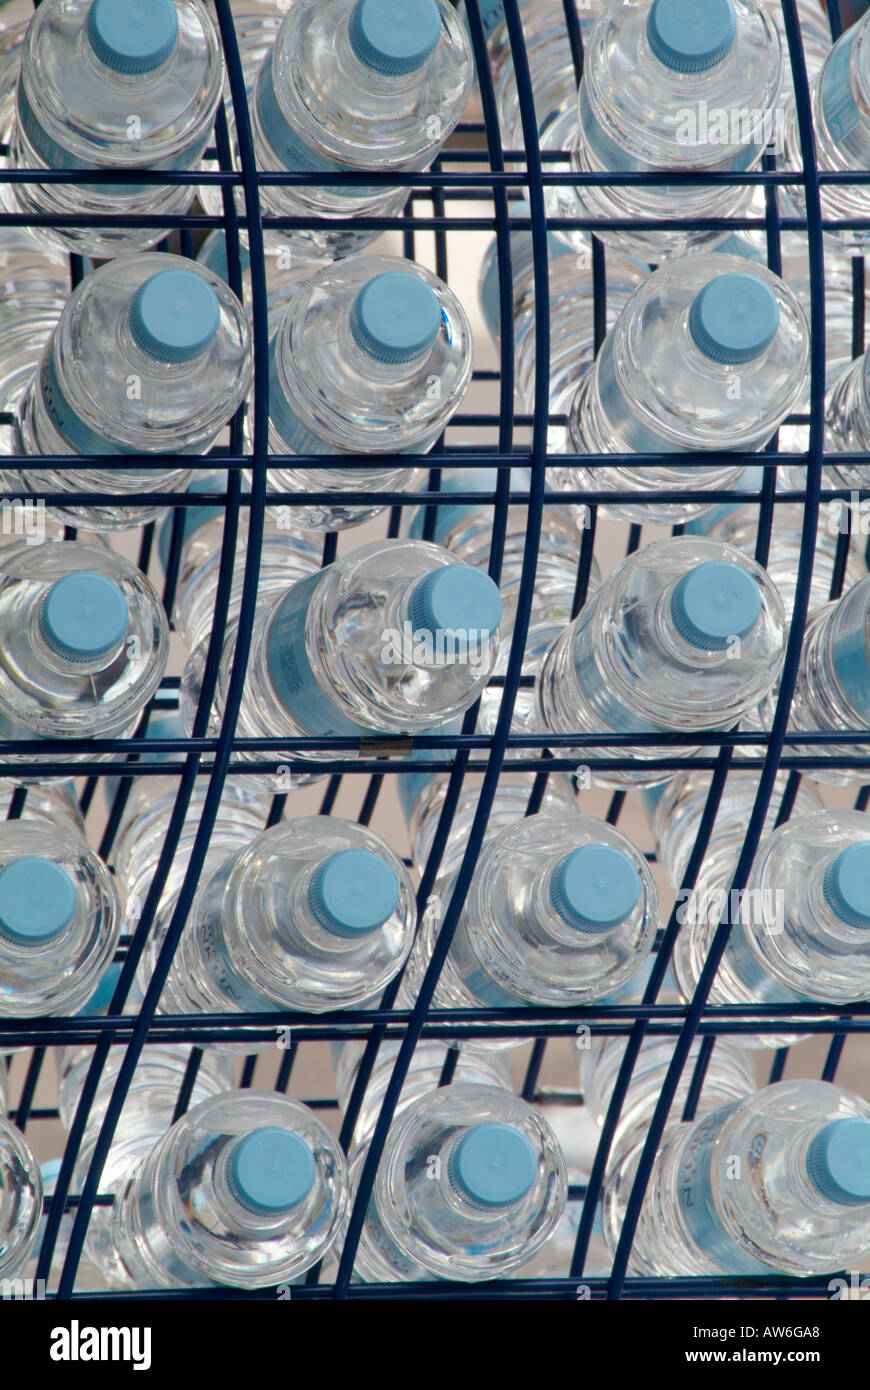 abgefülltes Wasser h2o trinken heathy Durst Durst cool Industrie Gesundheitsgetränke Kappe Kunststoff Stockbild